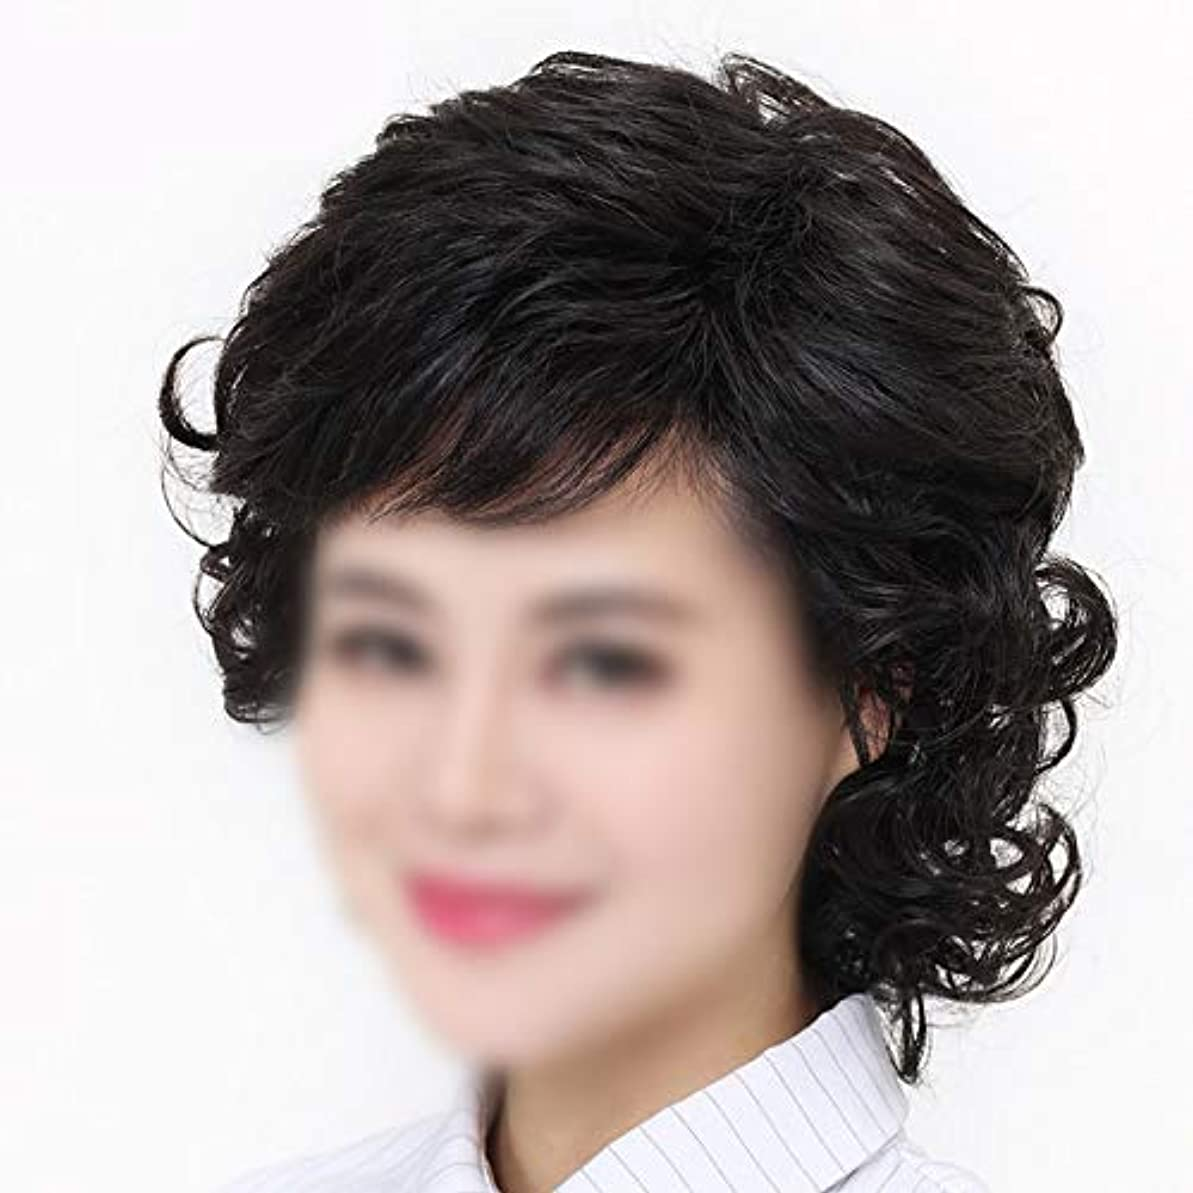 書道ビバ大理石YOUQIU 女性の中年ウィッグ母の髪のかつらのために手織りショートヘアレアル髪ダークブラウンウィッグ (色 : Dark brown, サイズ : Mechanism)